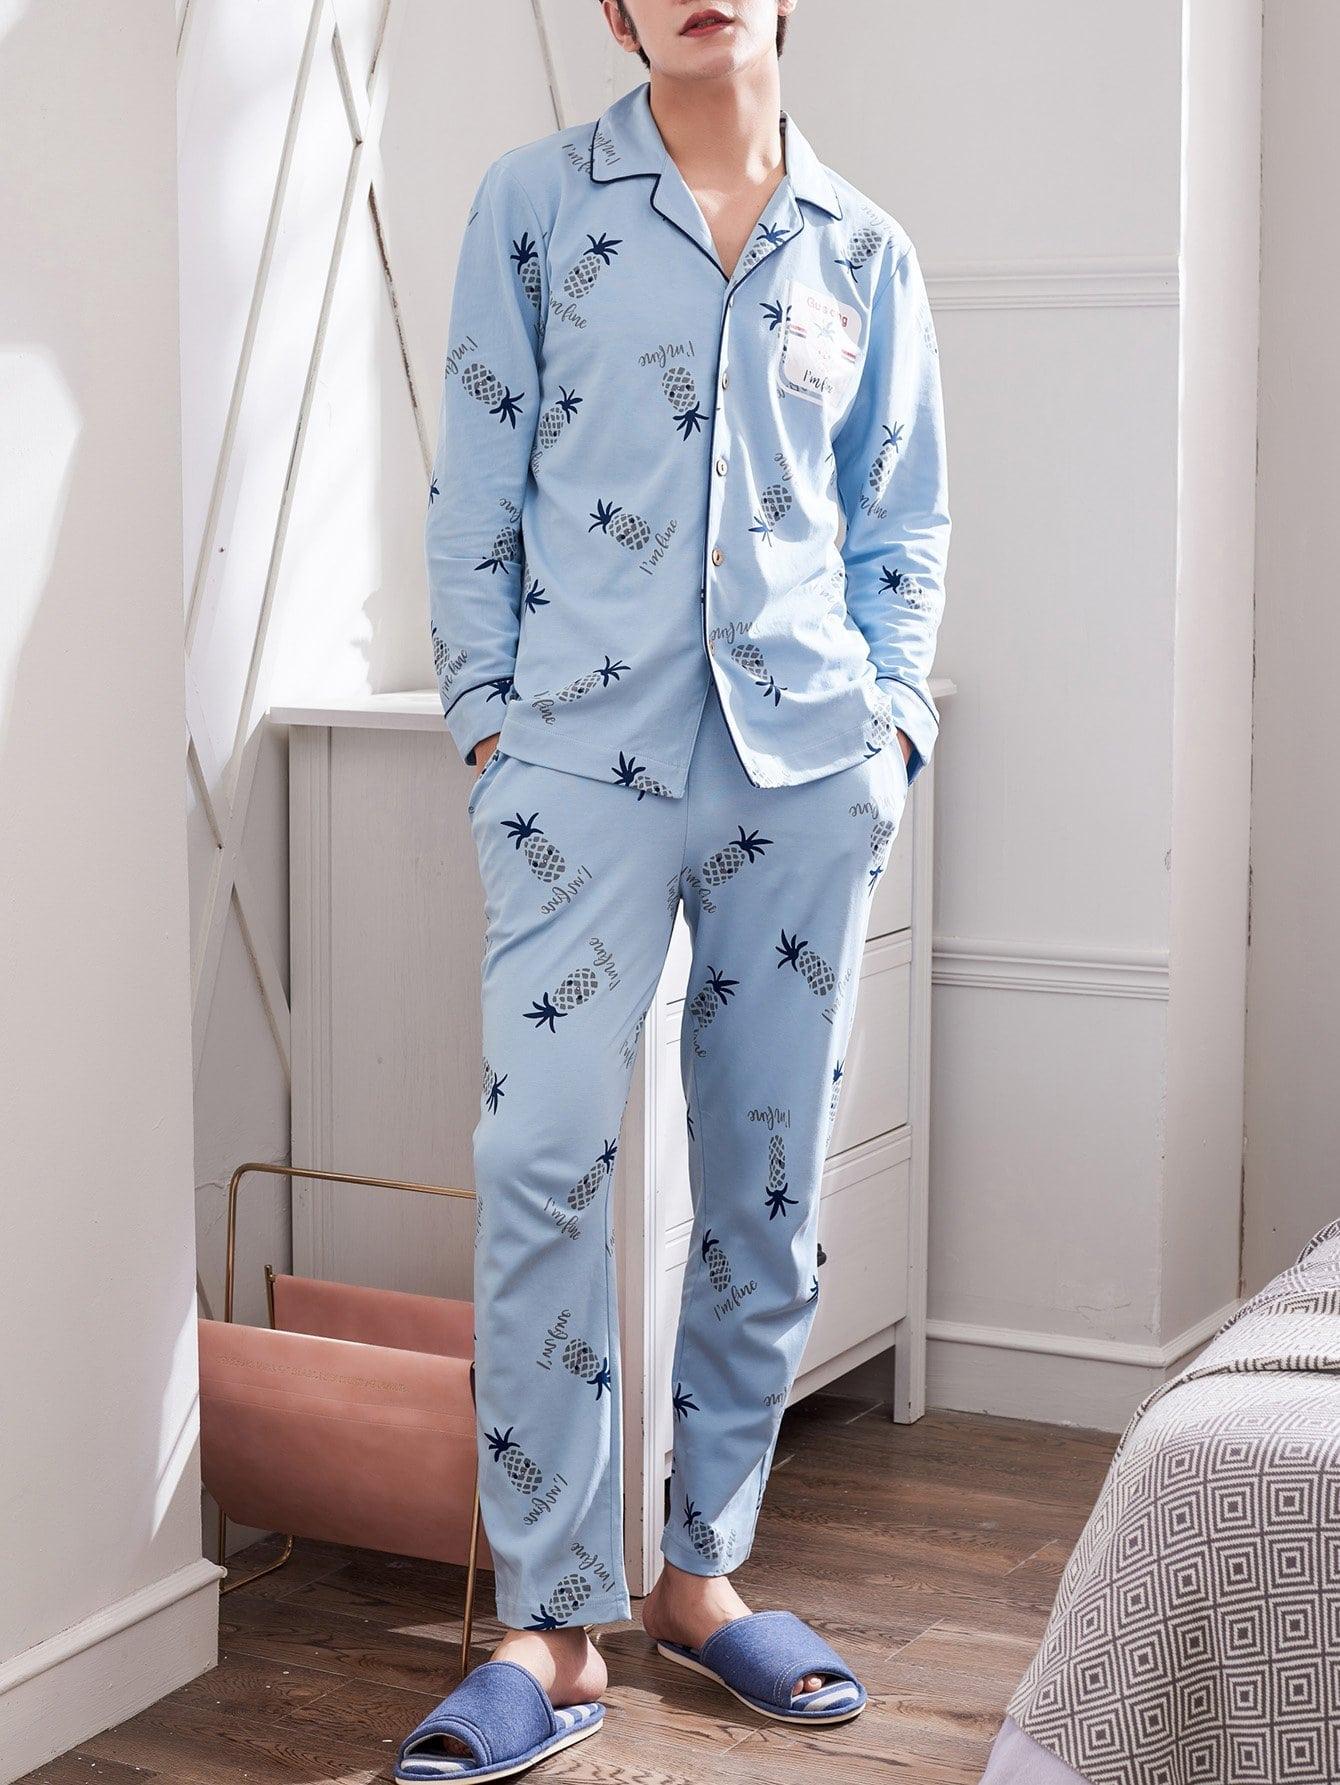 Купить Комплект пижамы с рисунками ананасов и с украшением пуговицы для мужчины, null, SheIn